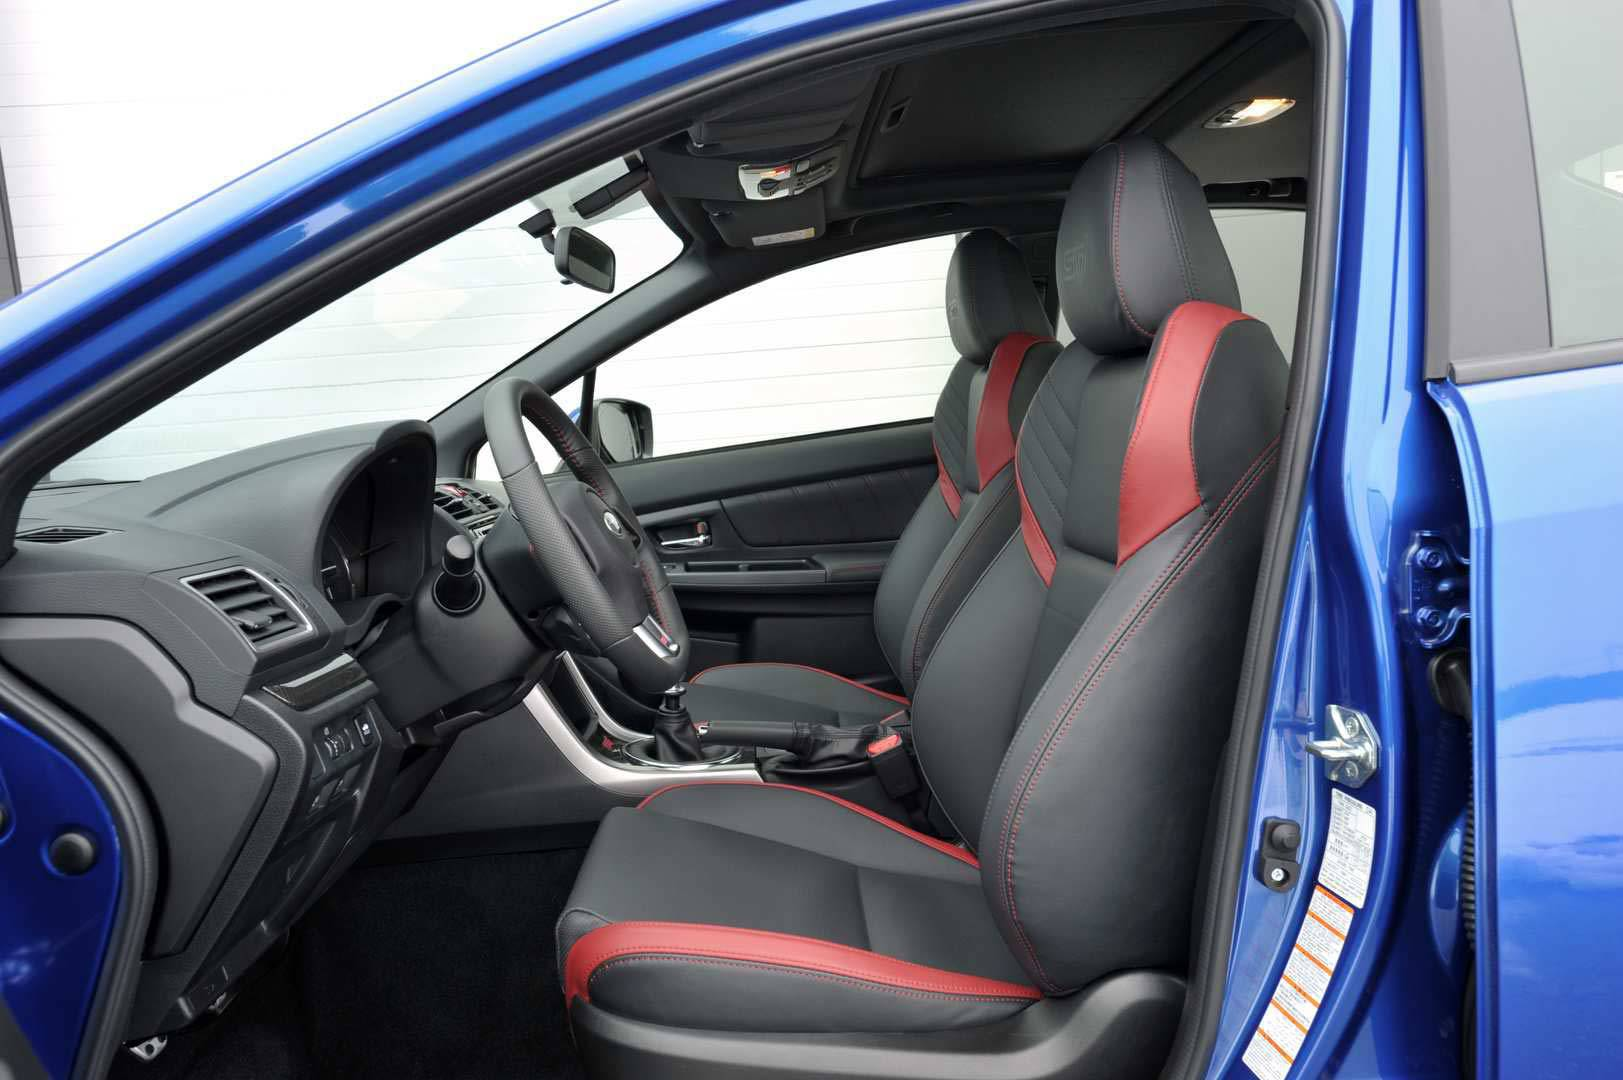 _Subaru-WRX-STI-Sport-vorne-innen